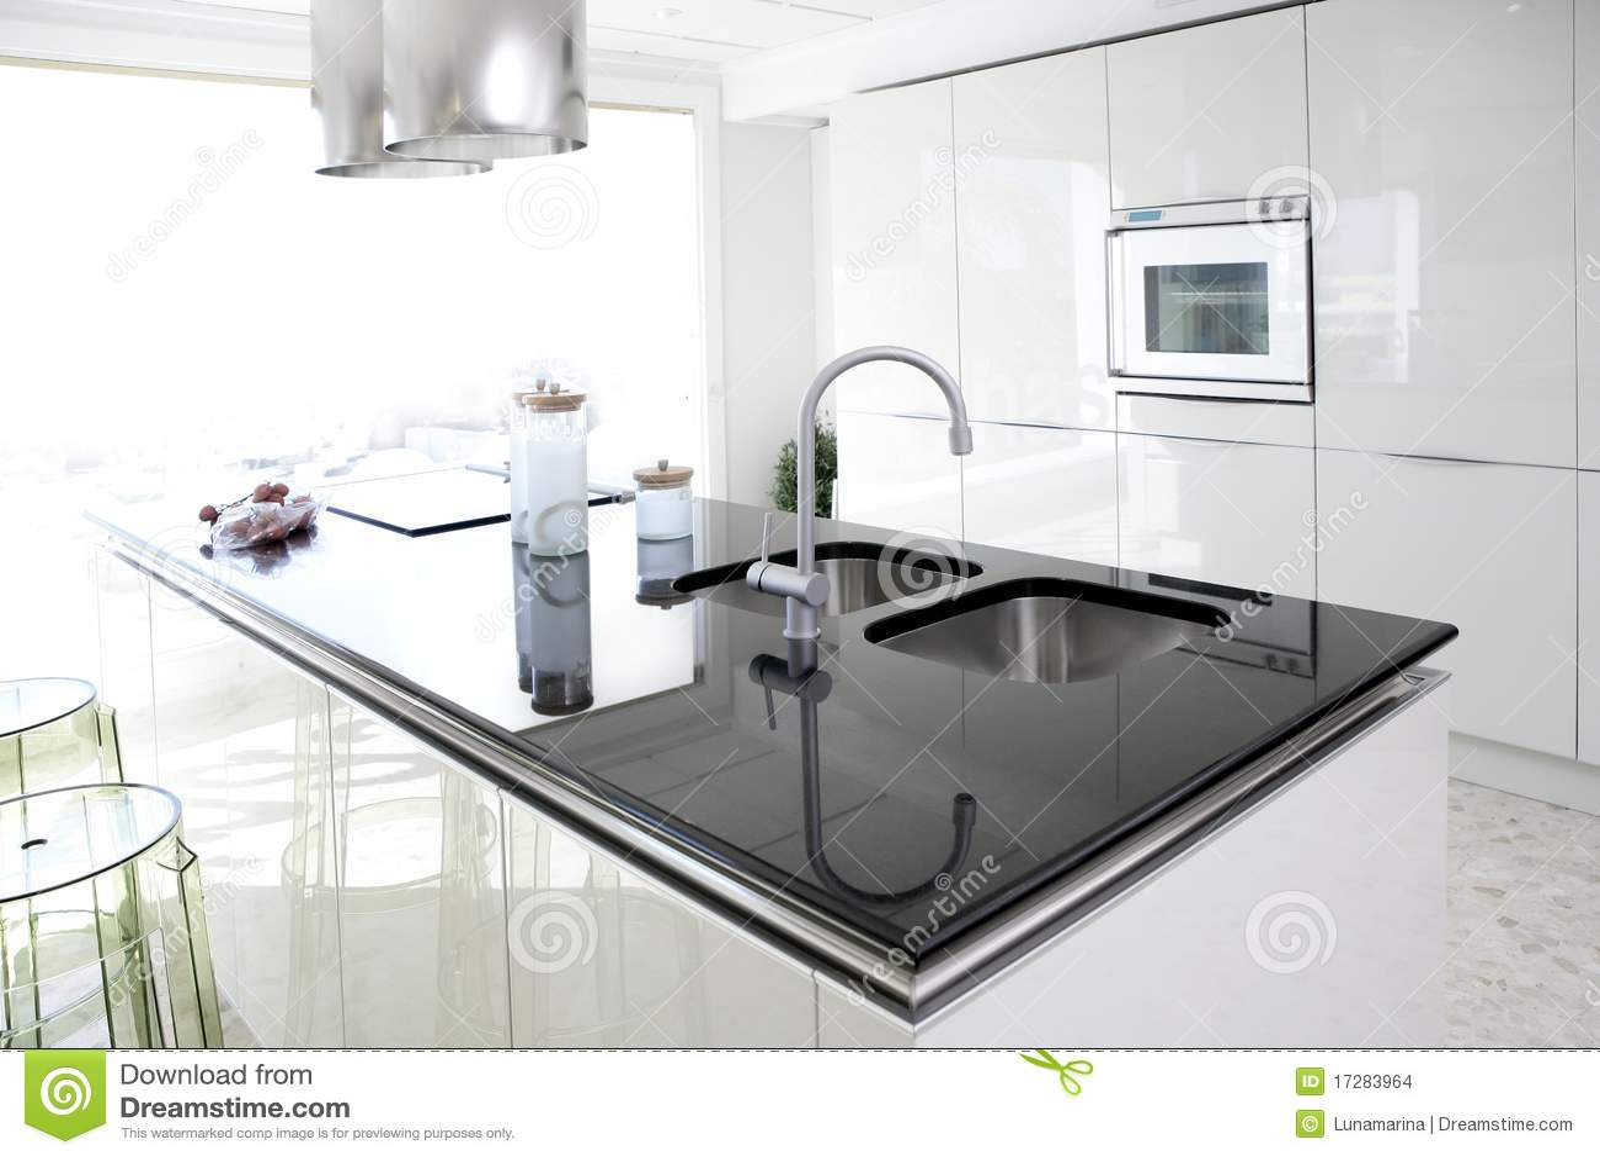 conception int rieure propre de cuisine blanche moderne. Black Bedroom Furniture Sets. Home Design Ideas